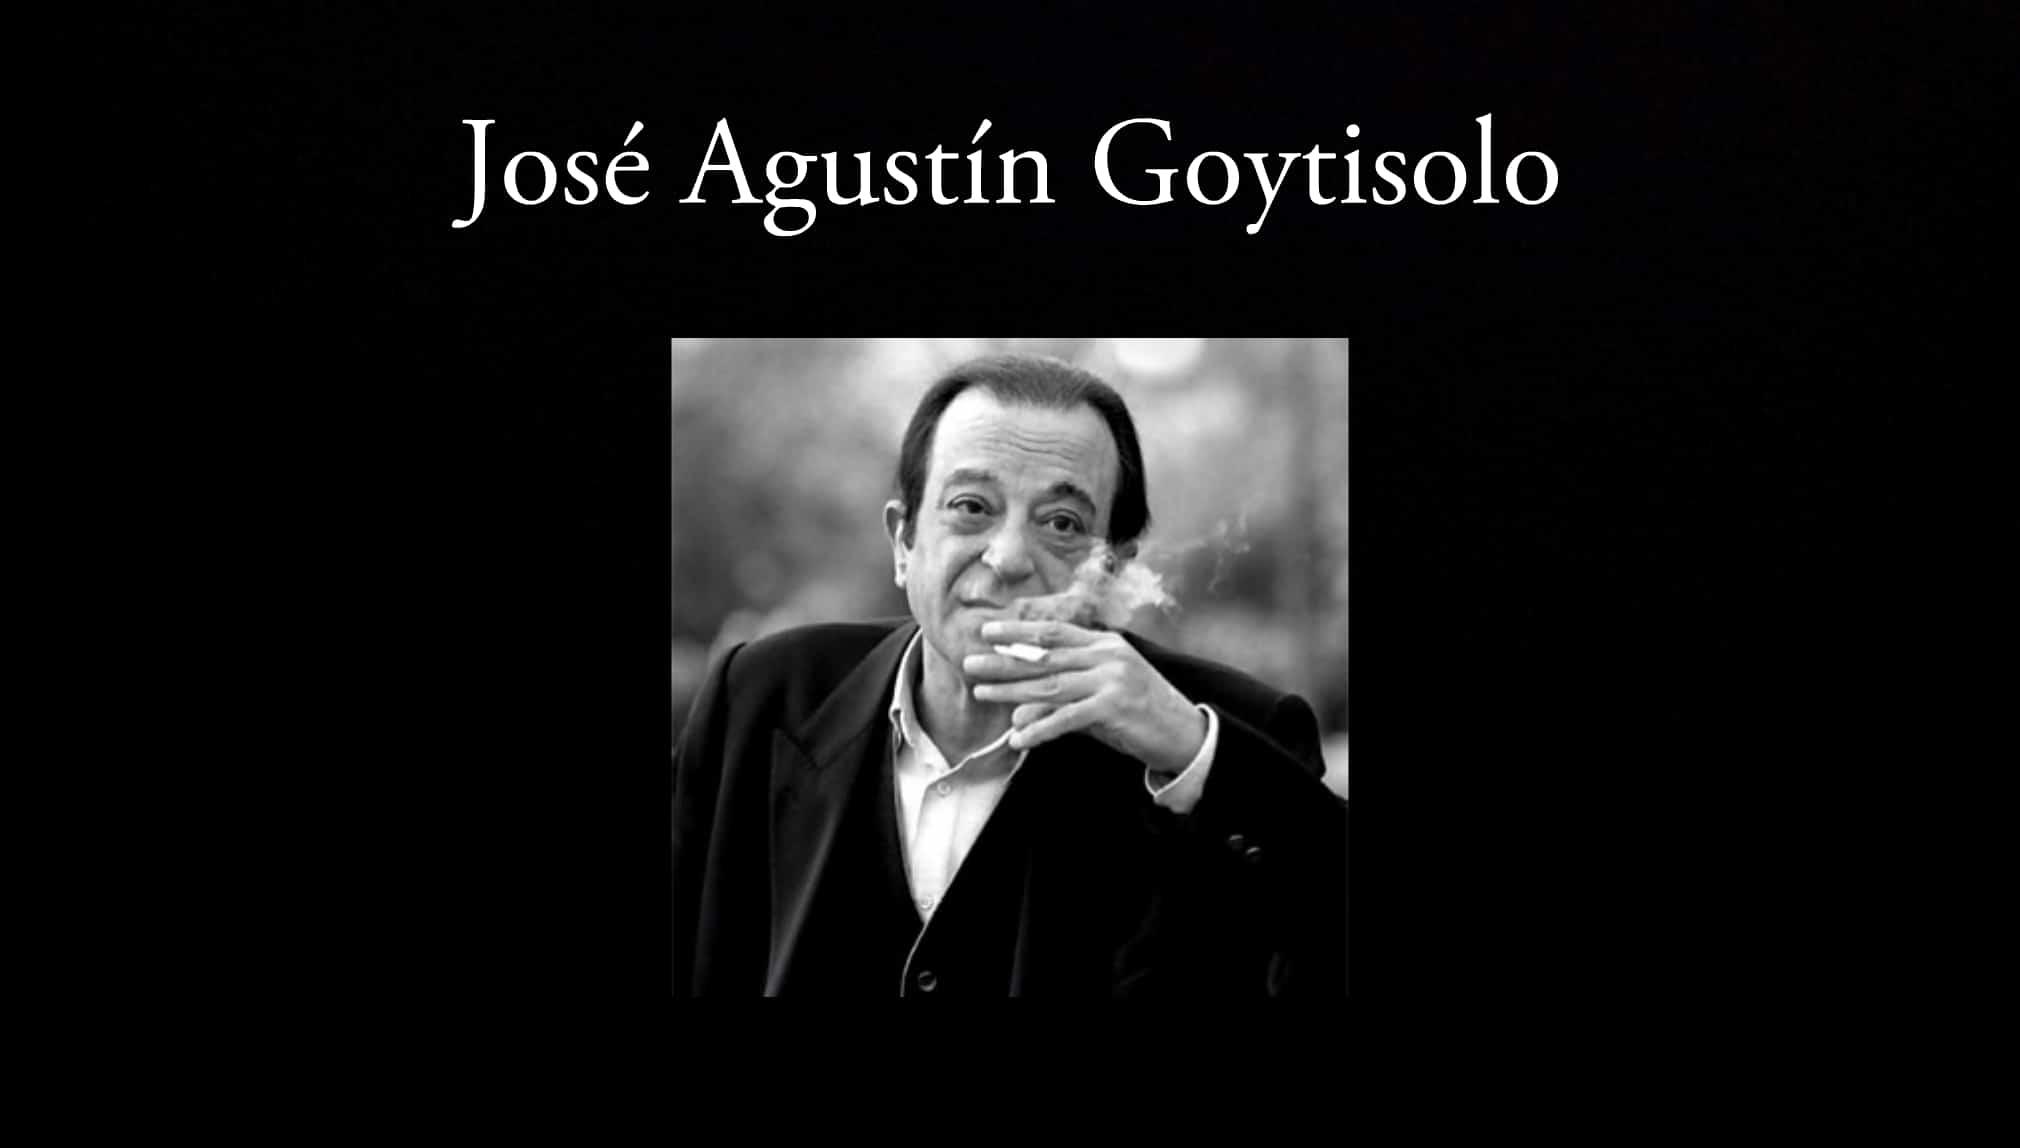 José Agustín Goytisolo.